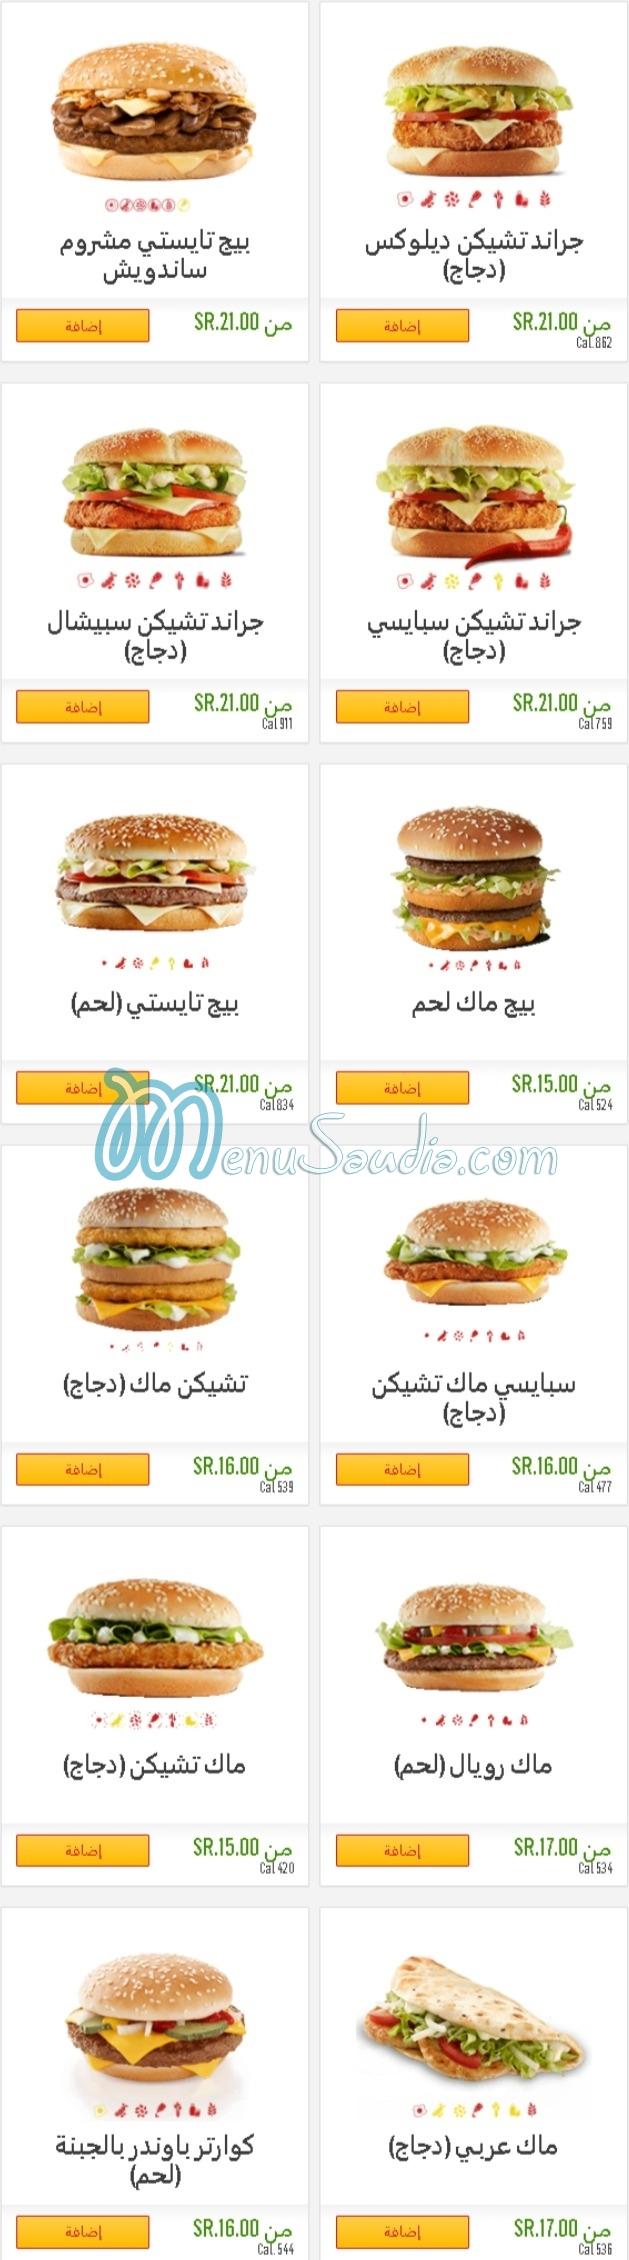 منيو و رقم توصيل مطعم ماكدونالدز السعودية منيو السعودية